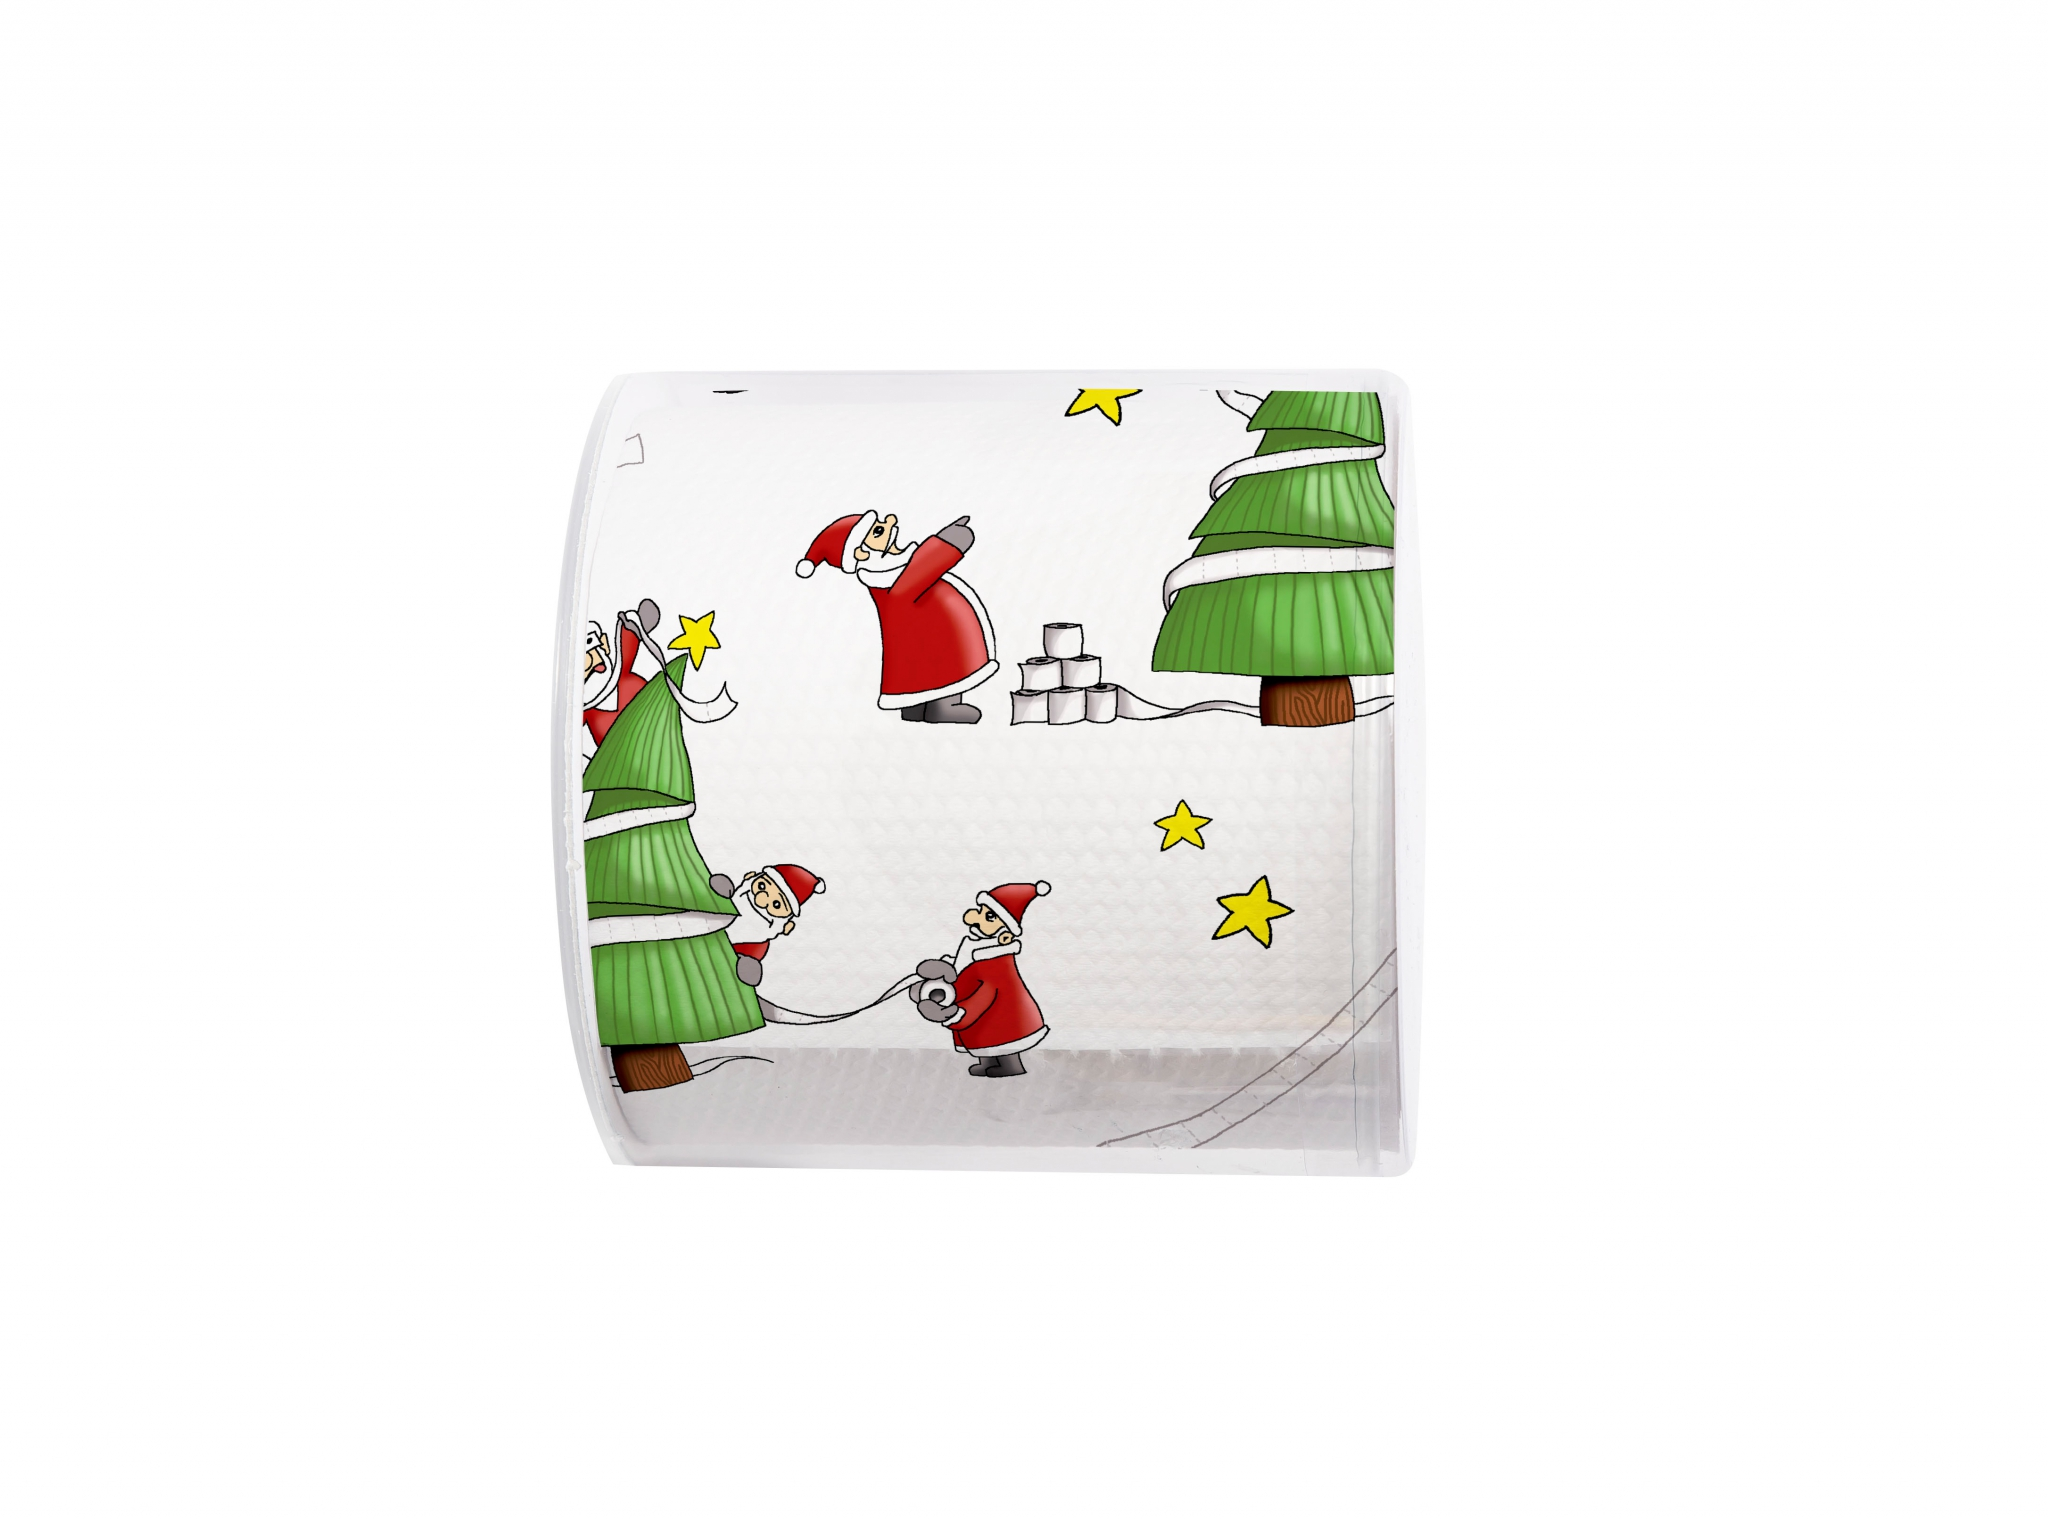 printed toilet paper - Topi Santas so busy